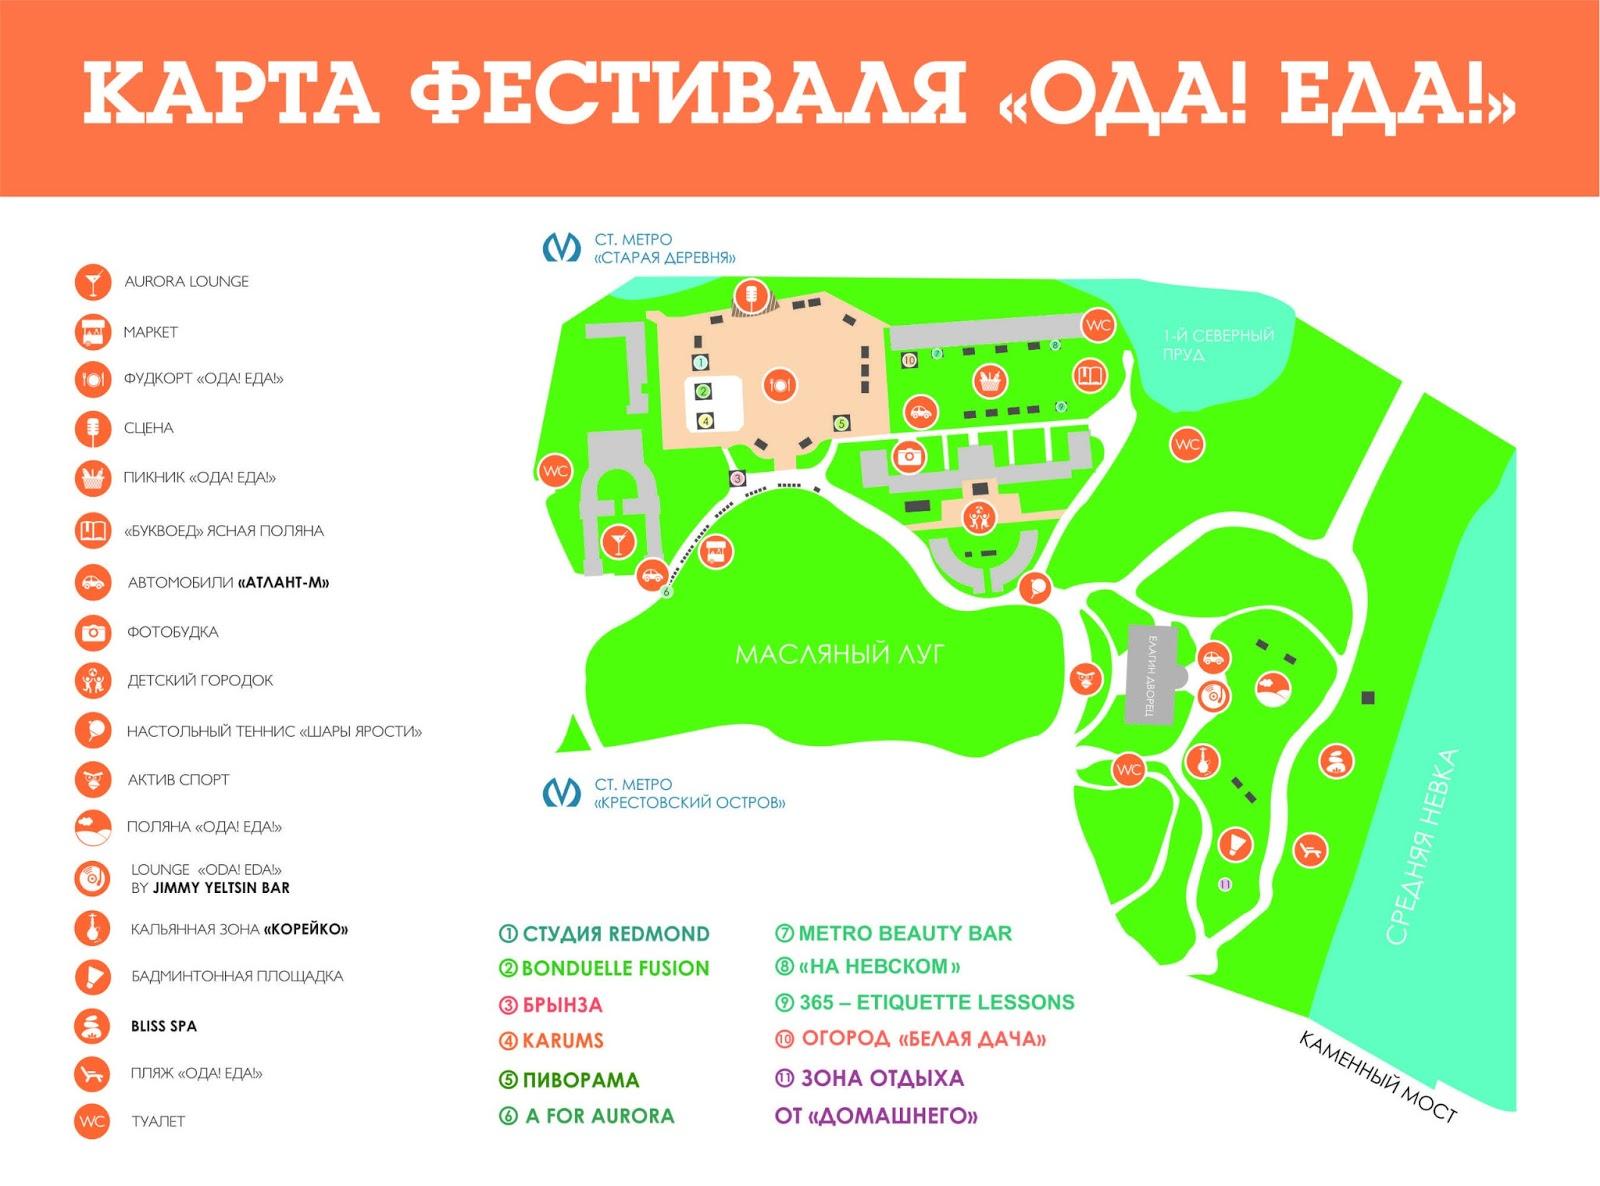 Карта фестиваля «ОДА! ЕДА!»